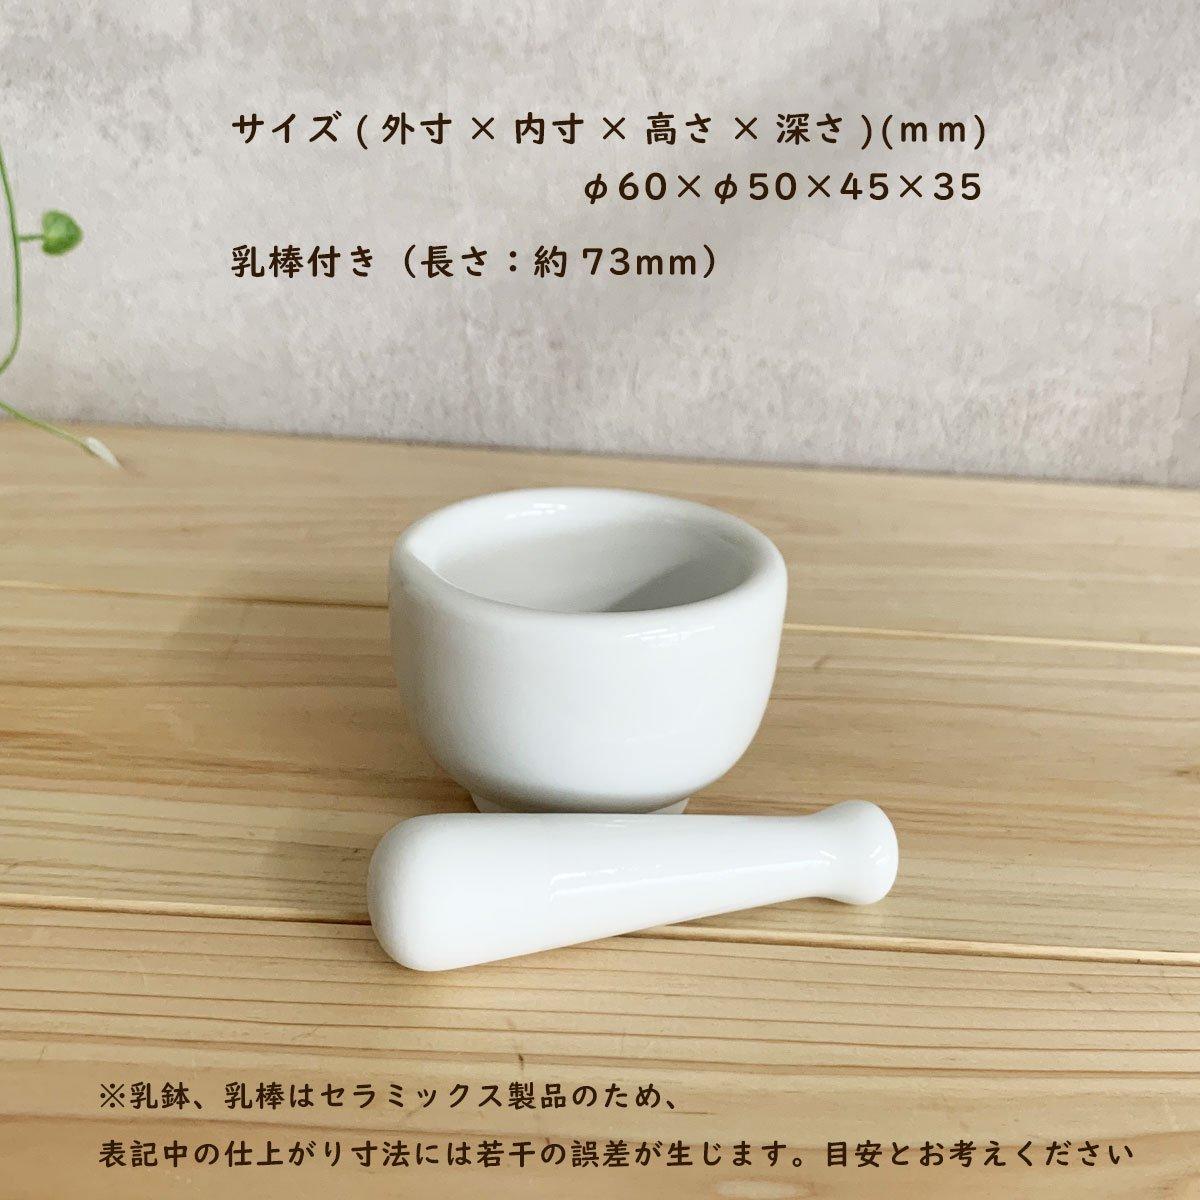 乳鉢  小 60mm(乳棒付き)